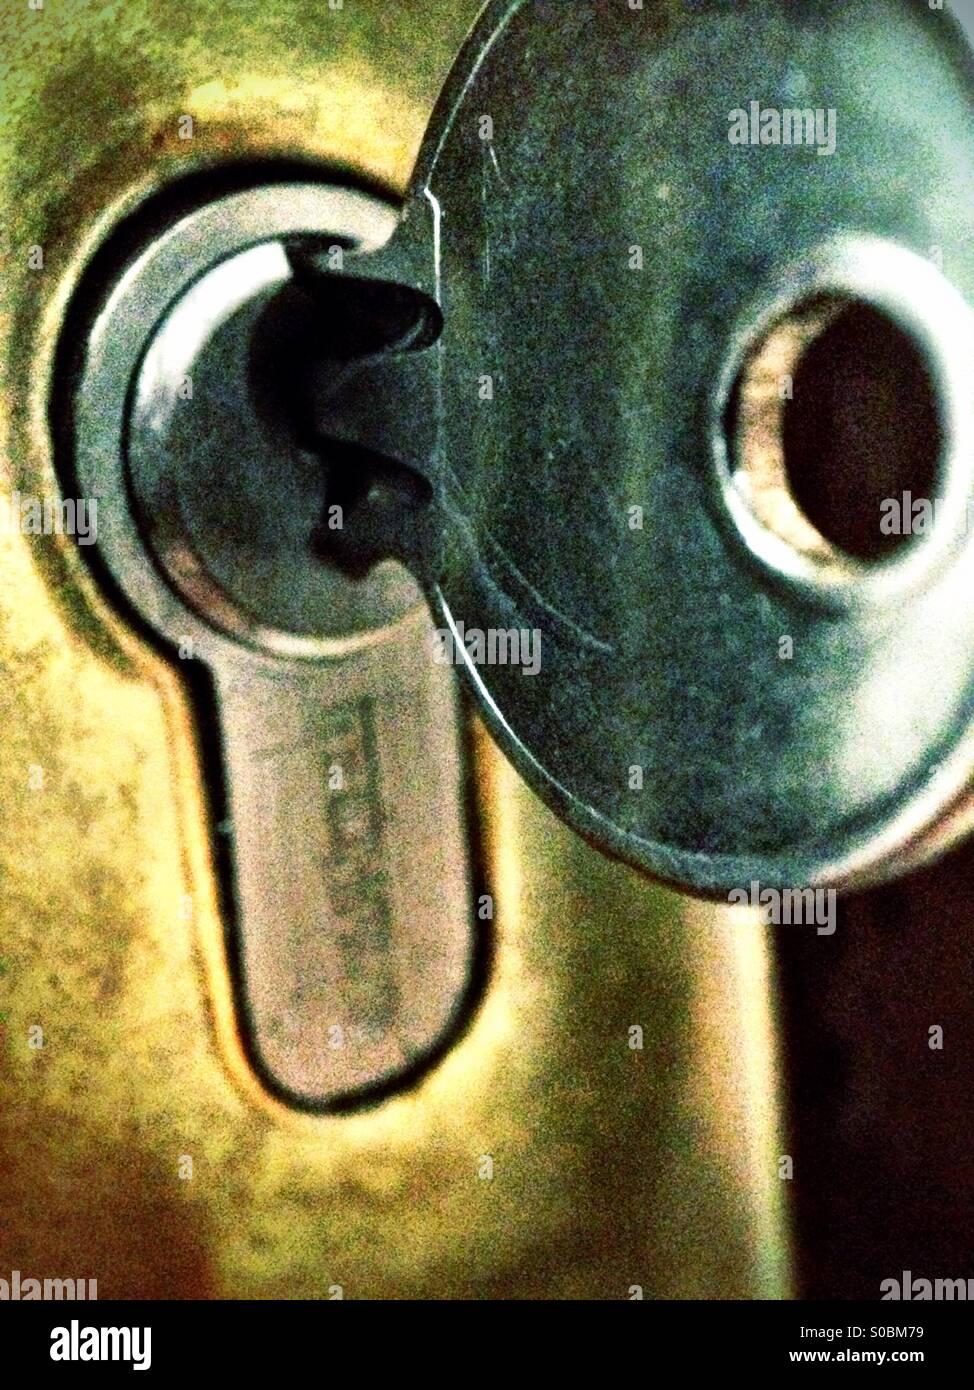 Llave en cerradura Imagen De Stock